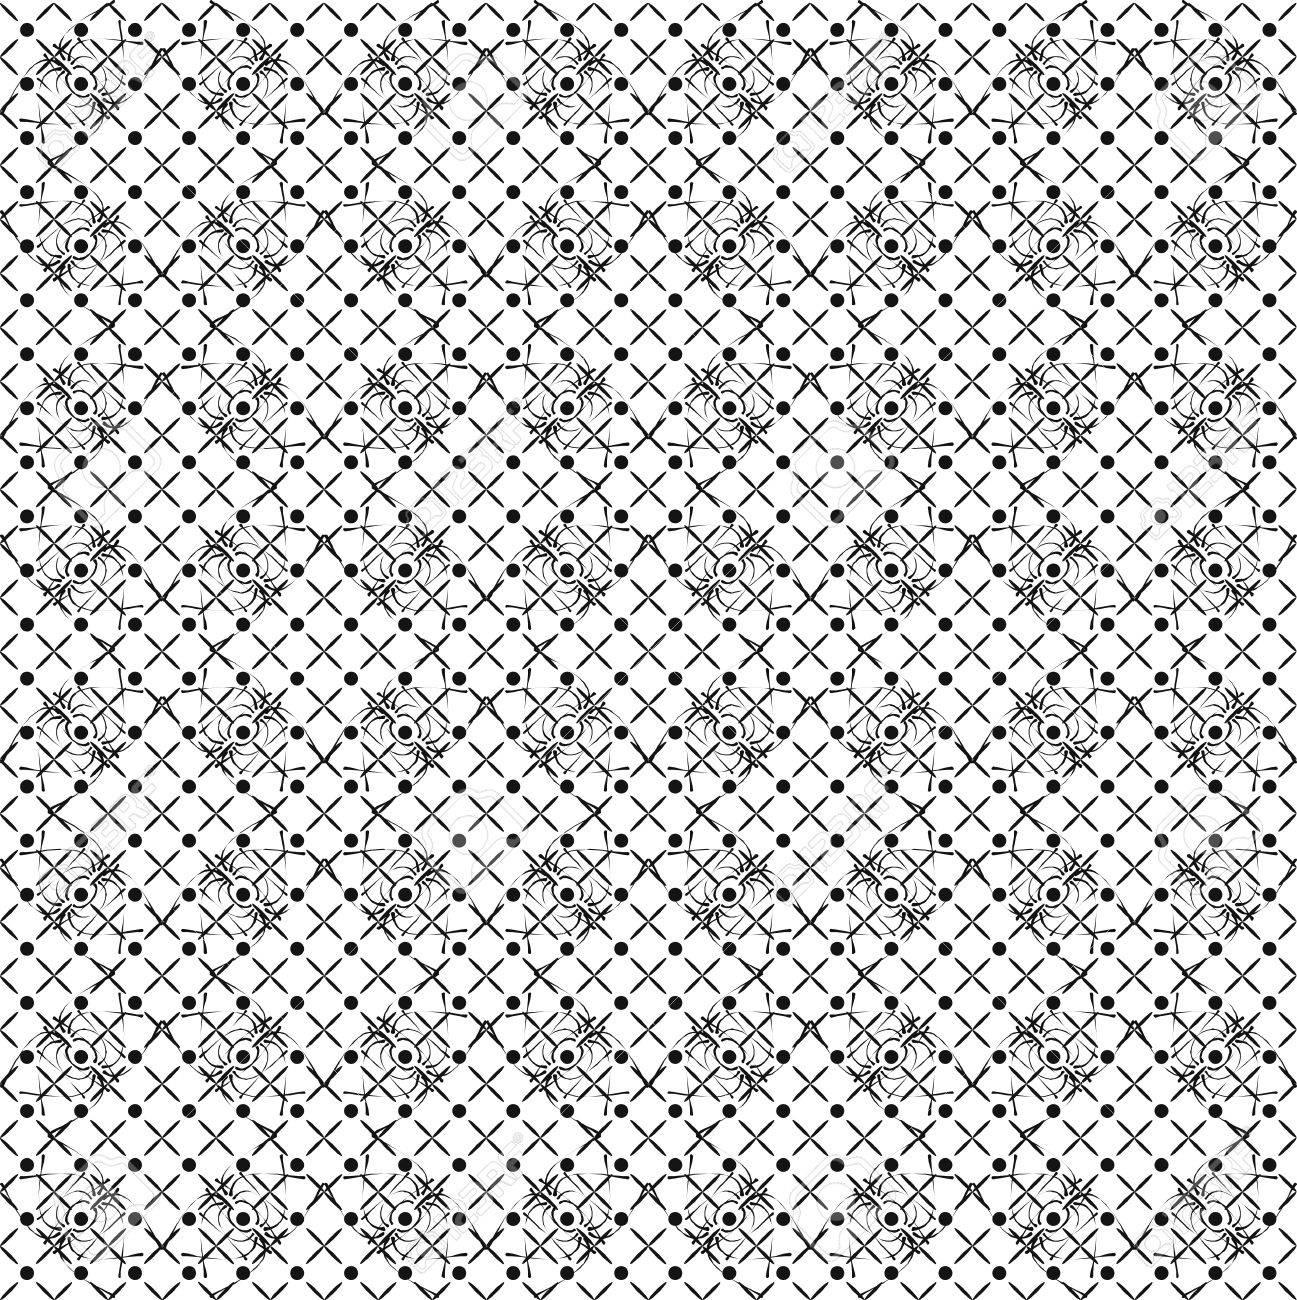 Schwarz Weiß Wallpaper Muster Im Retro Stil Lizenzfrei Nutzbare